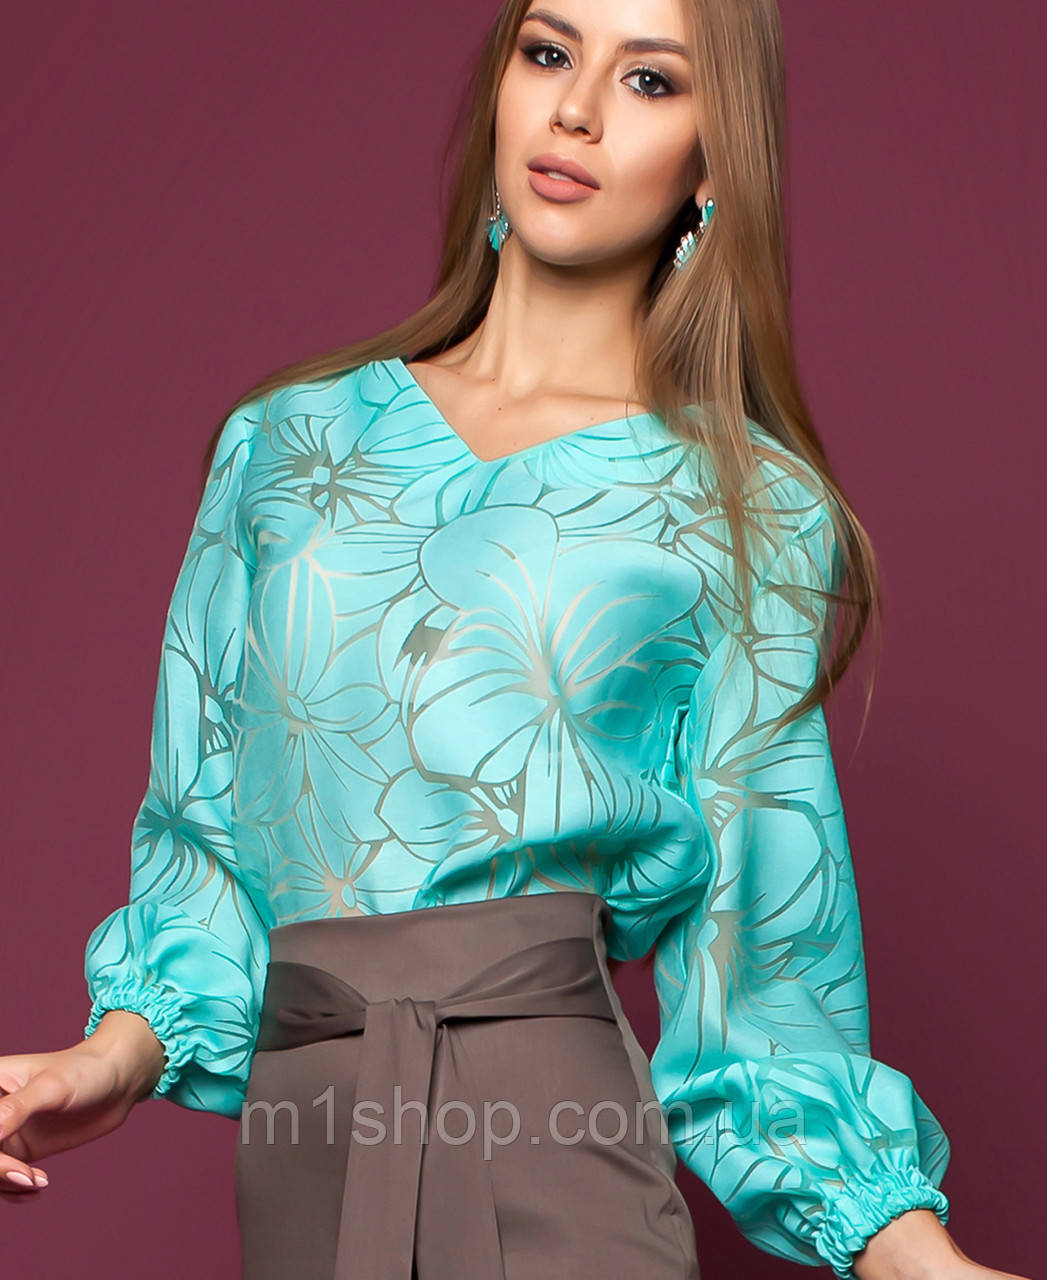 Женская блузка из органзы (Юлин jd)